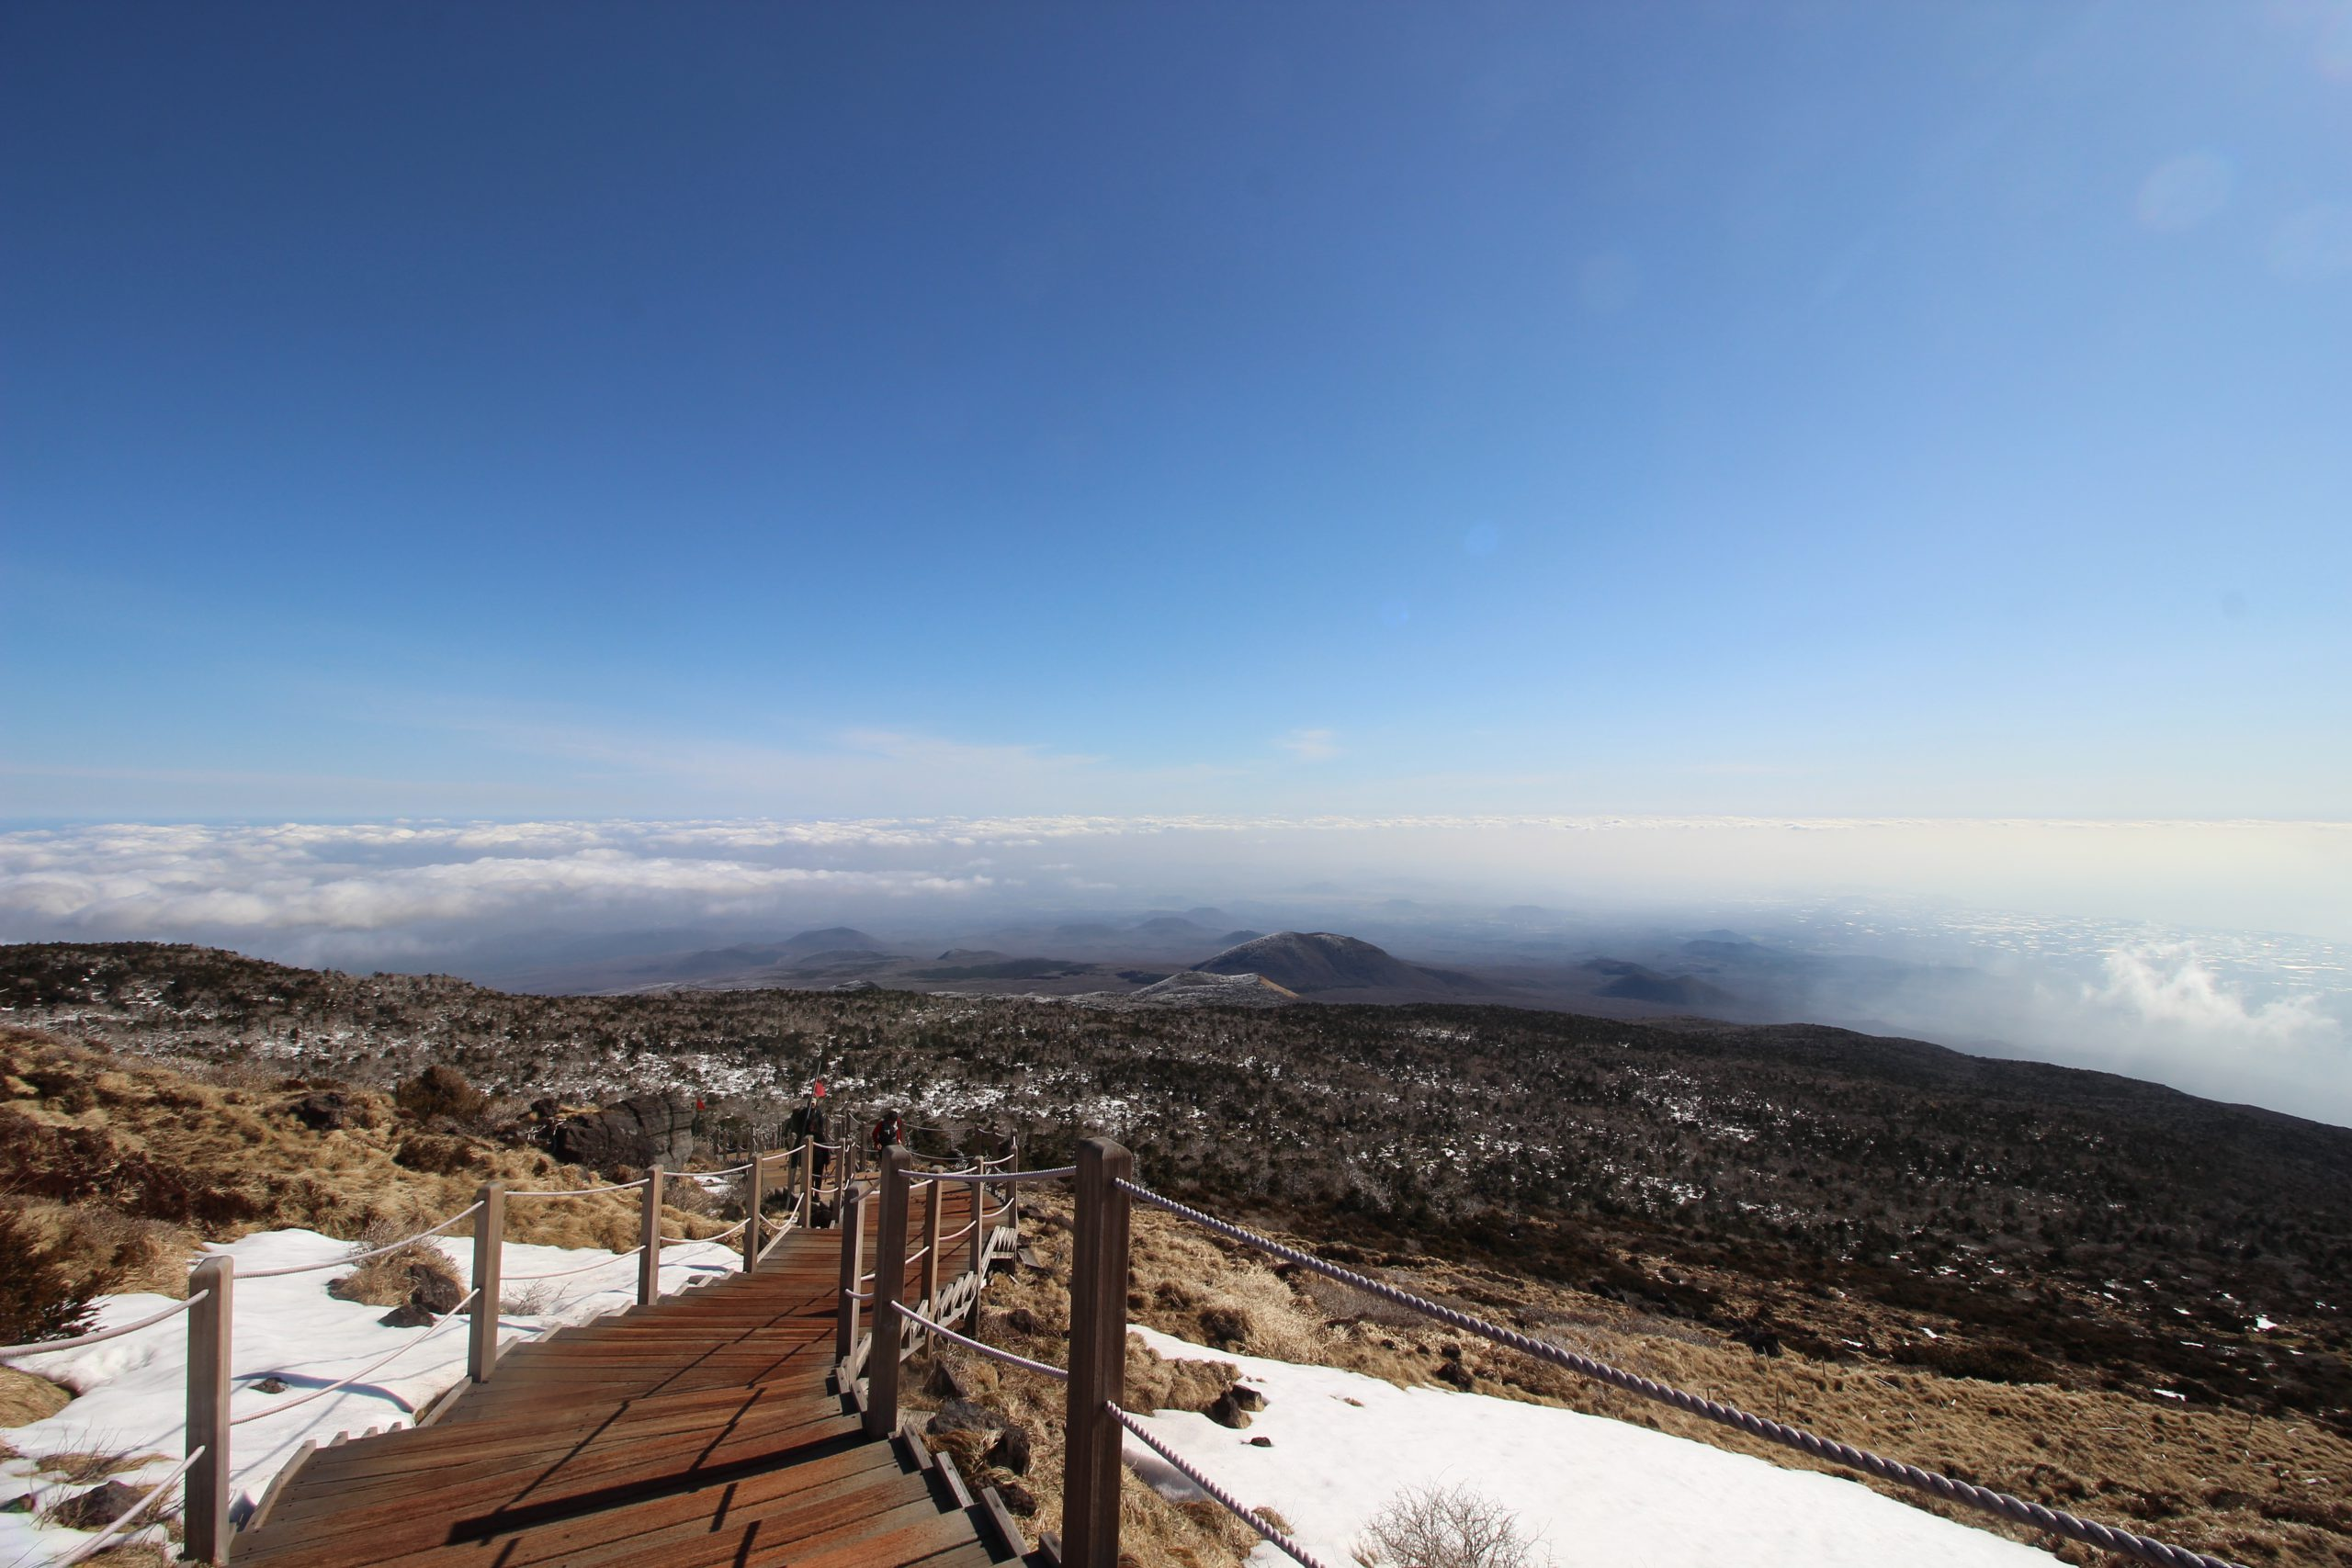 Hallasan vulkaan Jeju eiland uitzicht